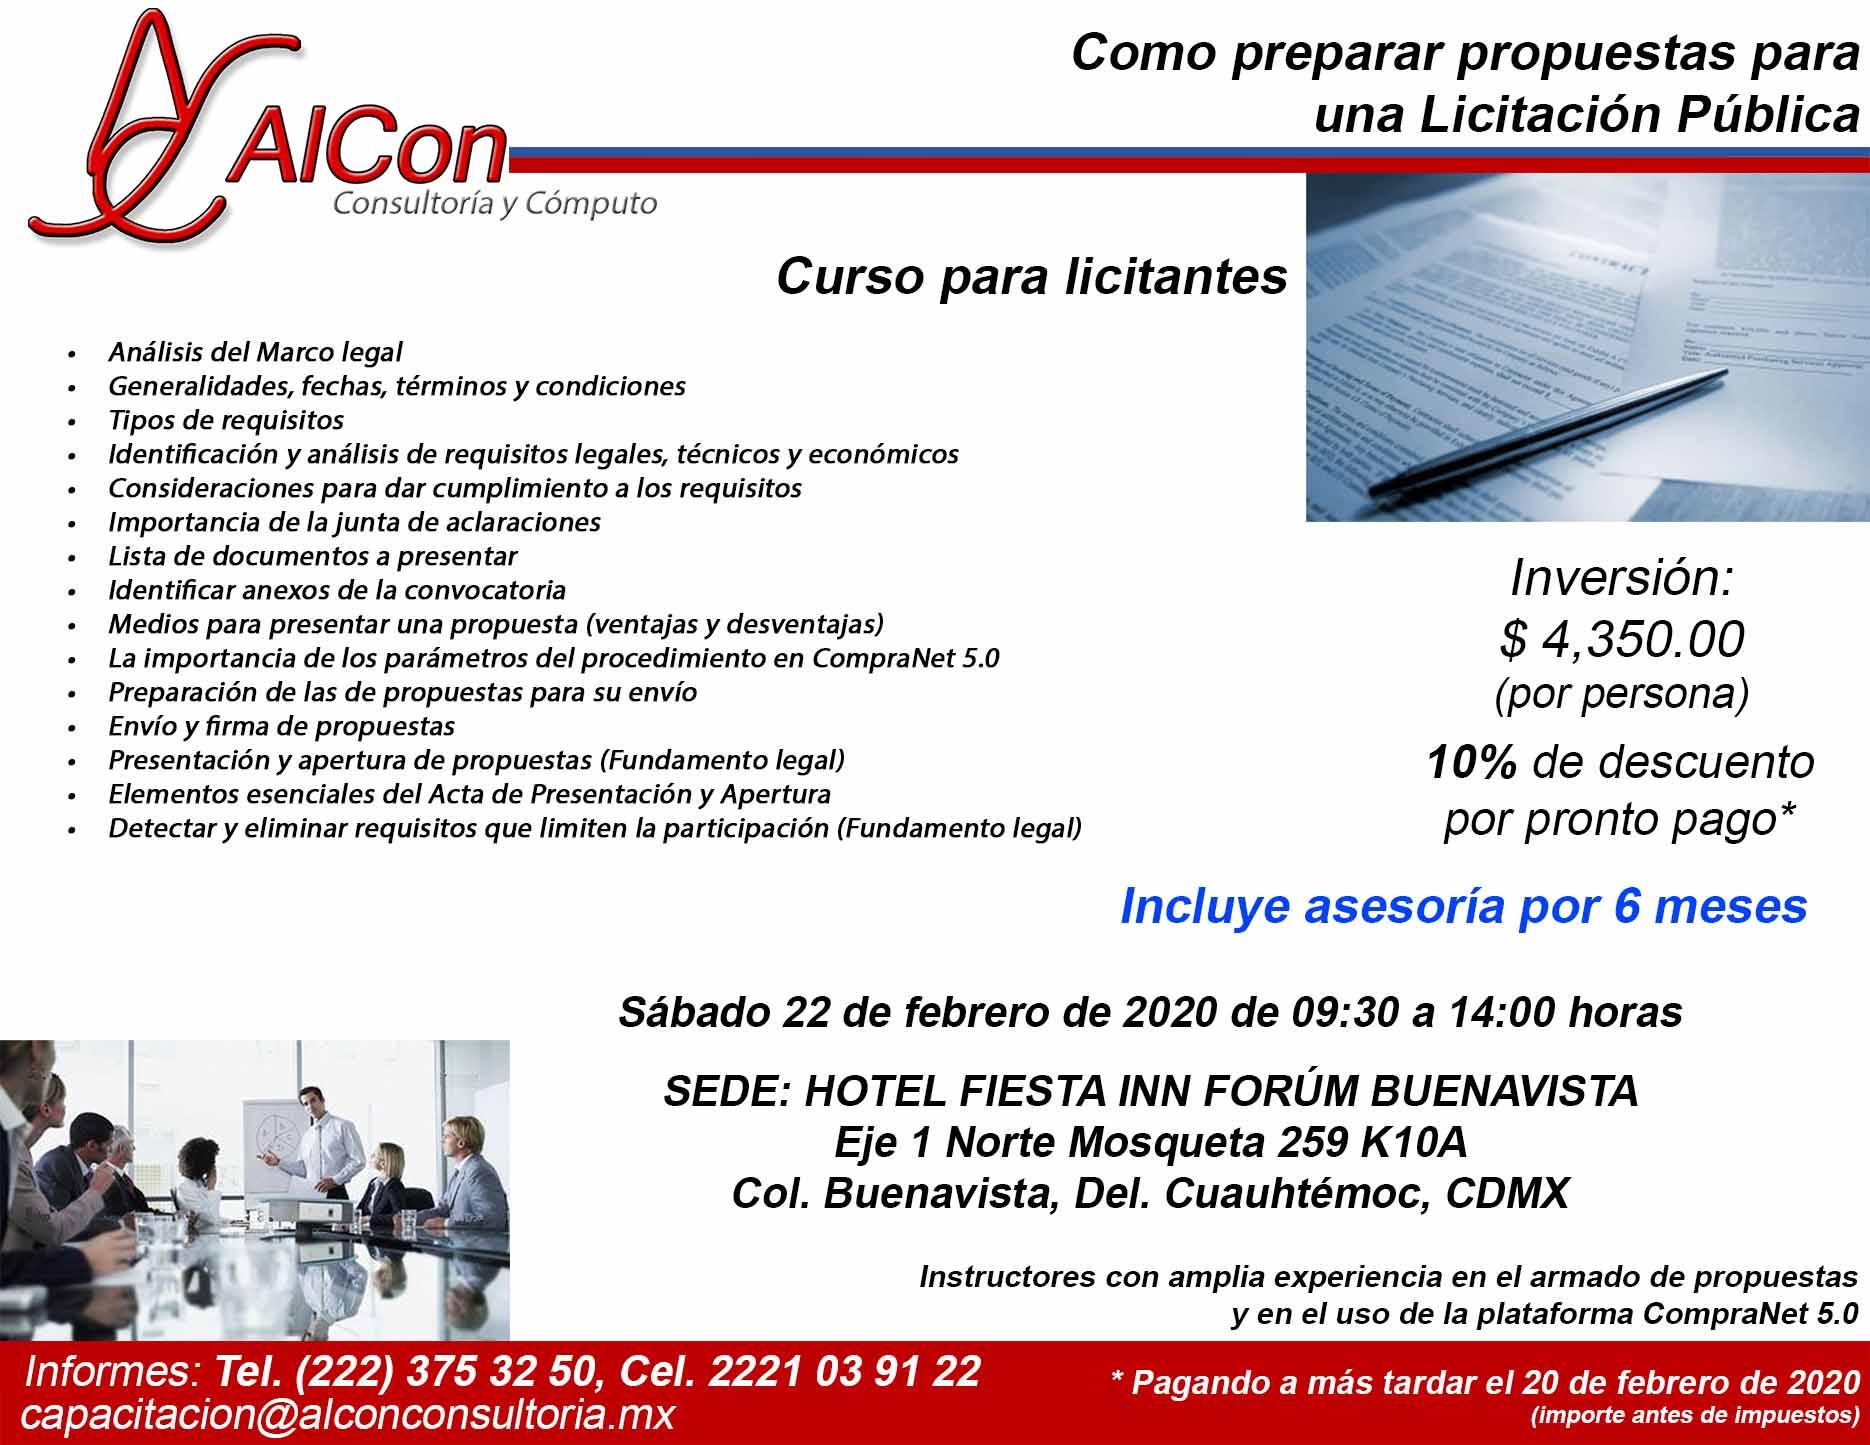 Curso Preparar Propuestas, Ciudad de México (CDMX), AlCon Consultoría y Cómputo, AlCon Consulting And Commerce, Arcadio Alonso Sánchez